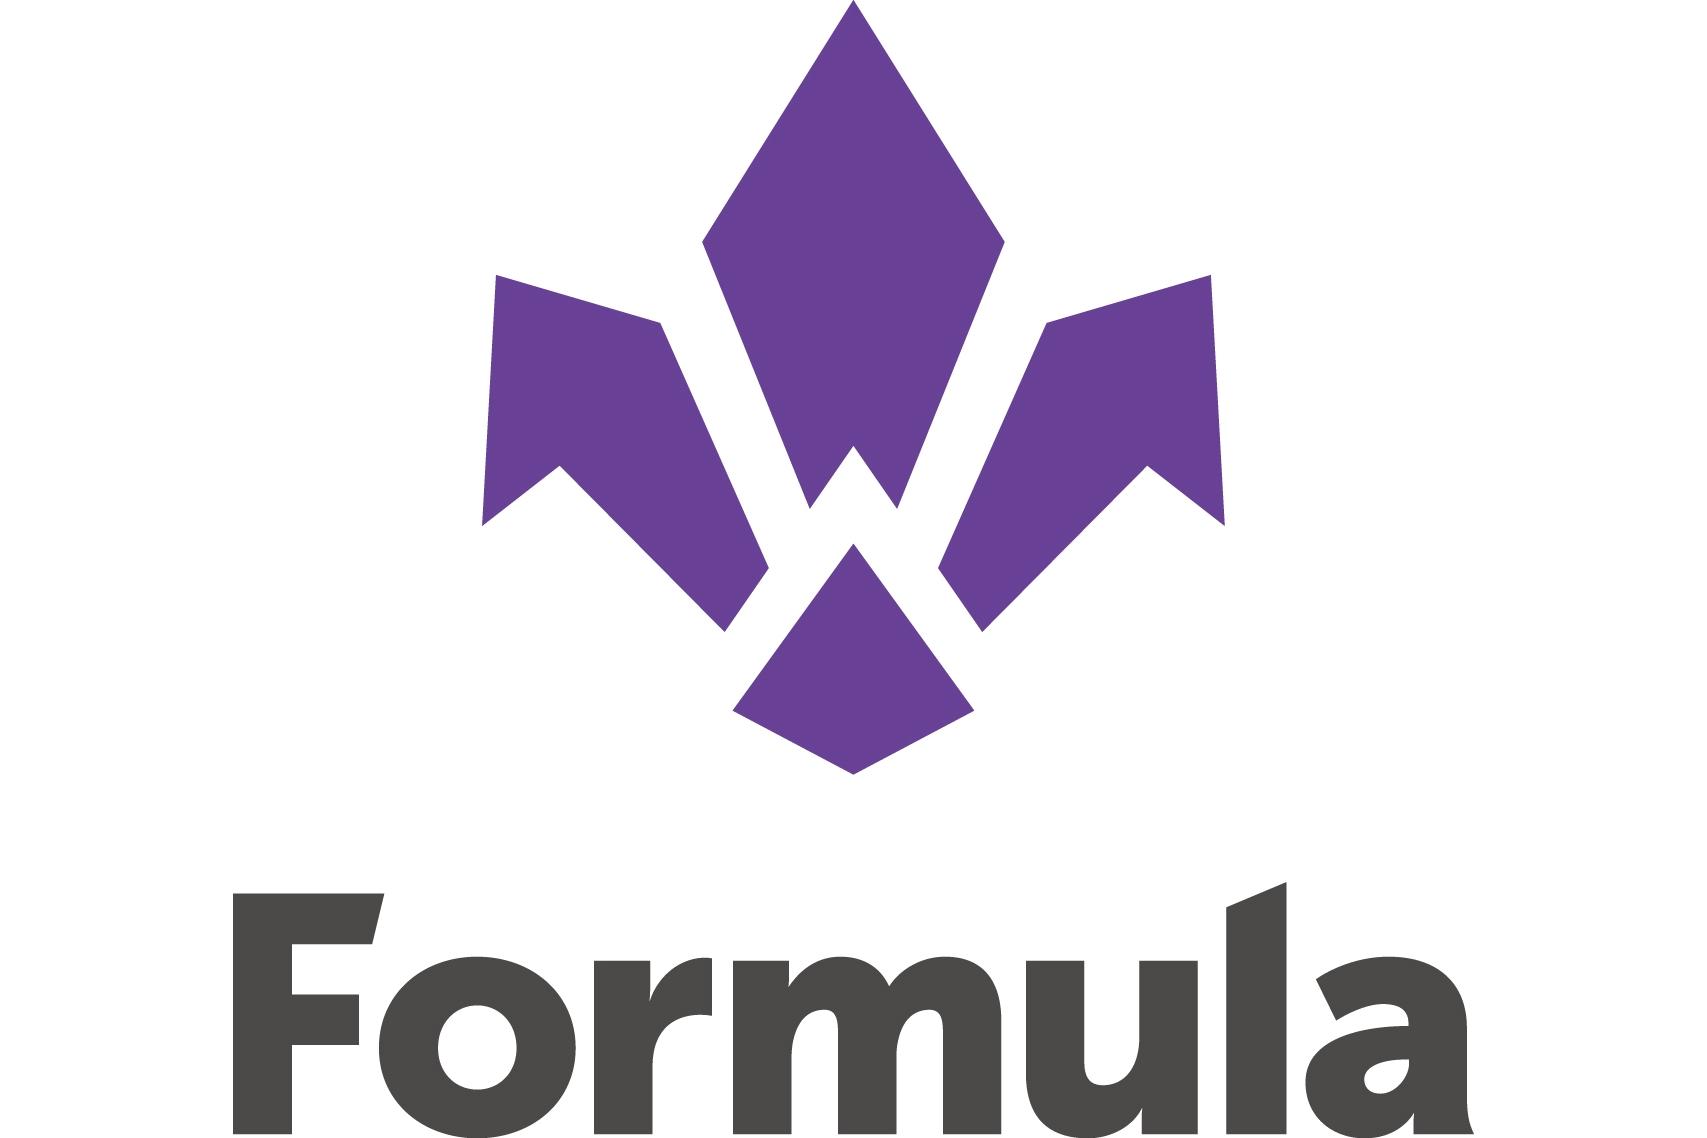 logo_formula.jpg